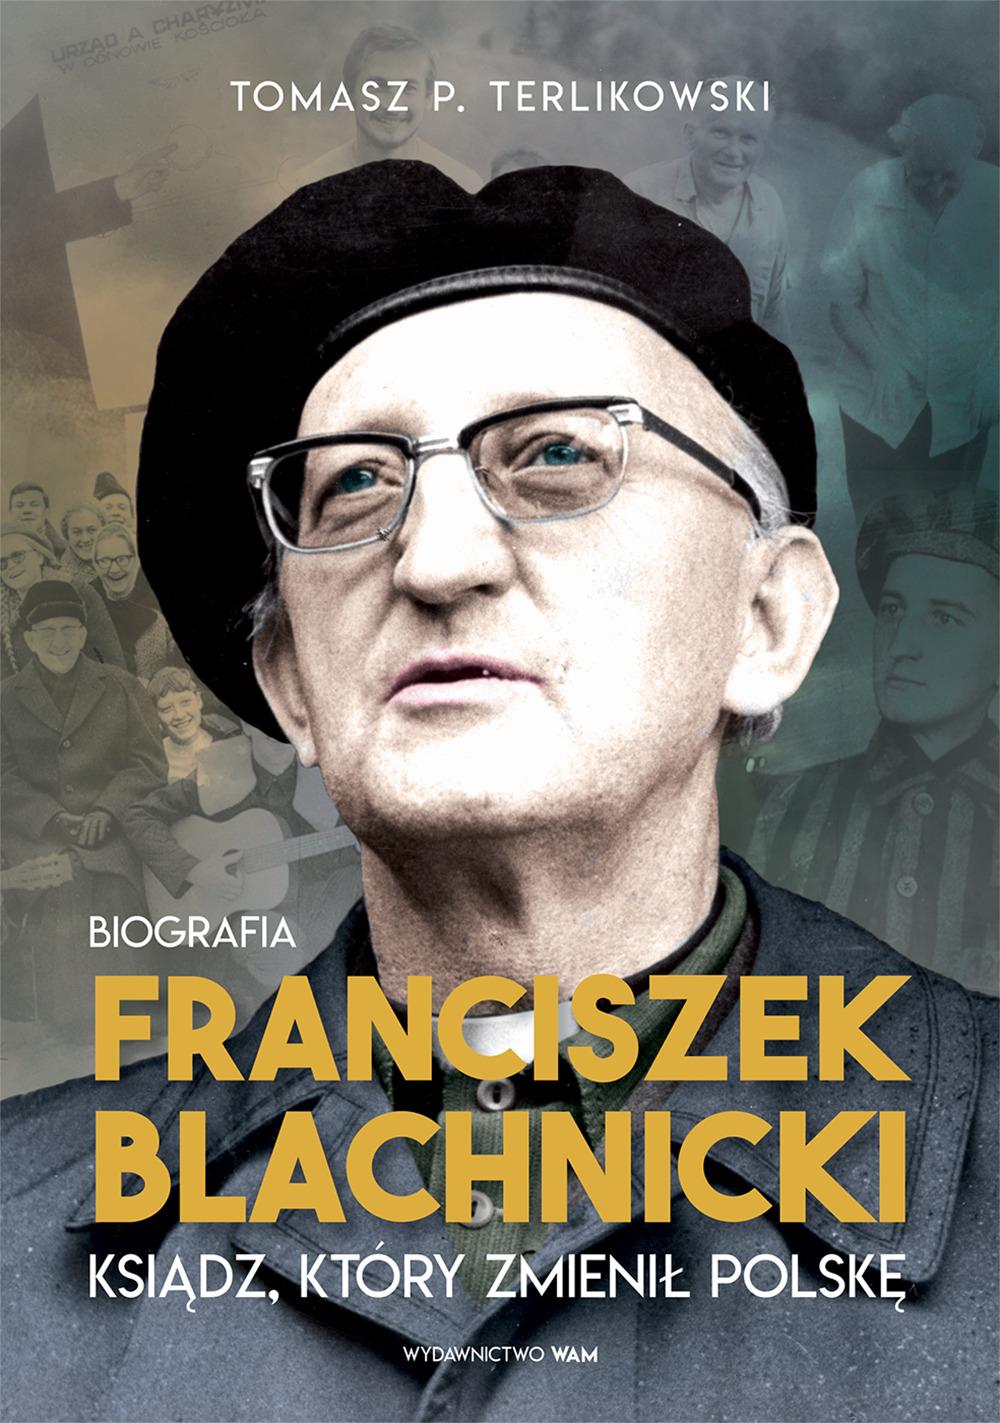 W księgarniach biografia księdza Blachnickiego